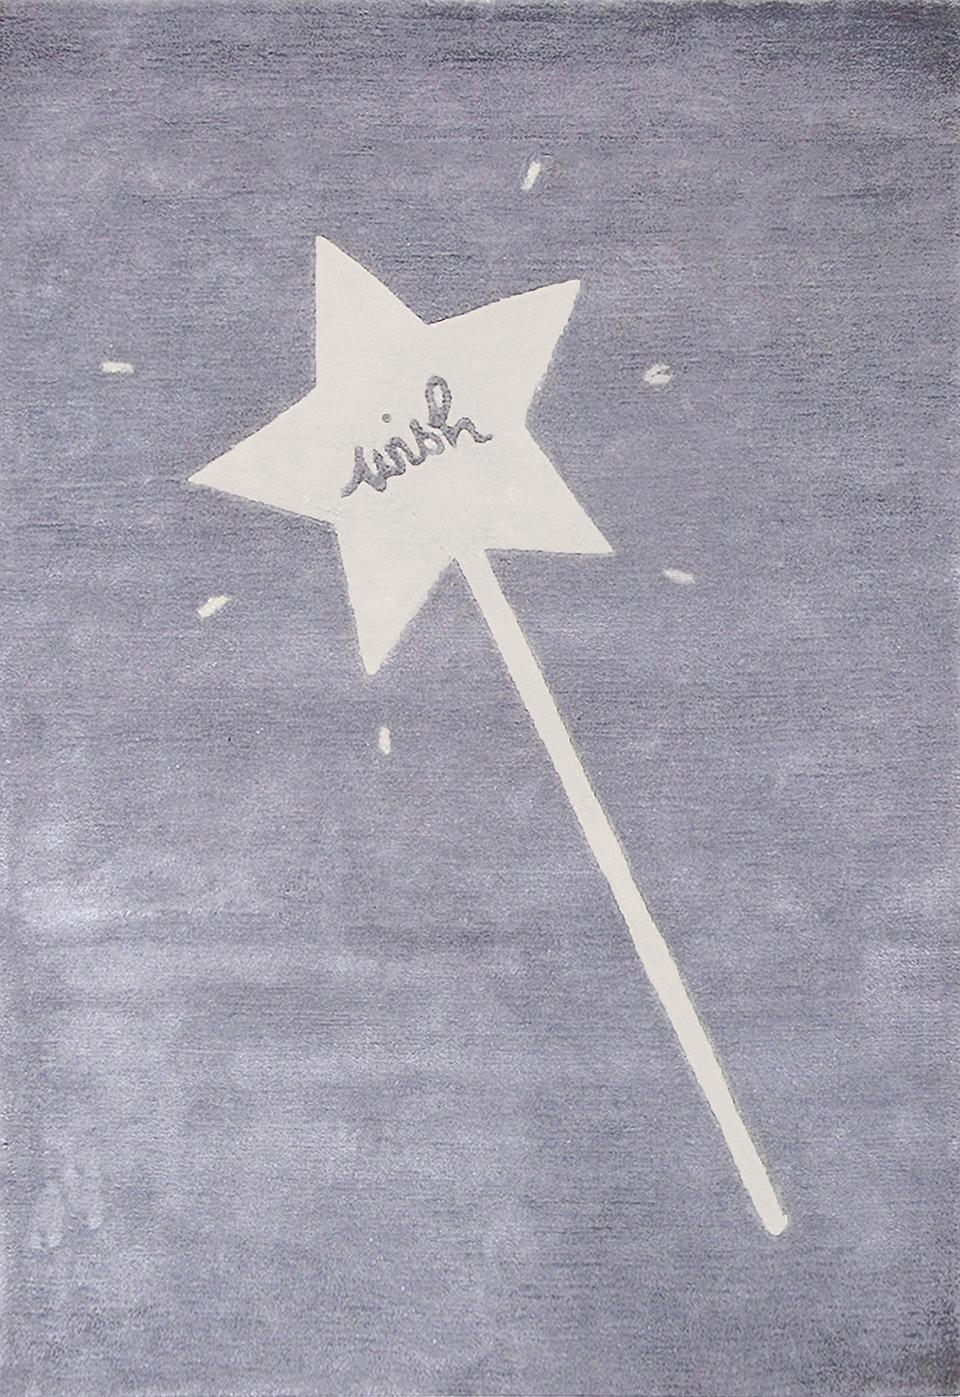 <p>Koberec Wish, 110*160cm, materiál: akryl. Původní cena 6.989 Kč, po slevě 4.892Kč</p>